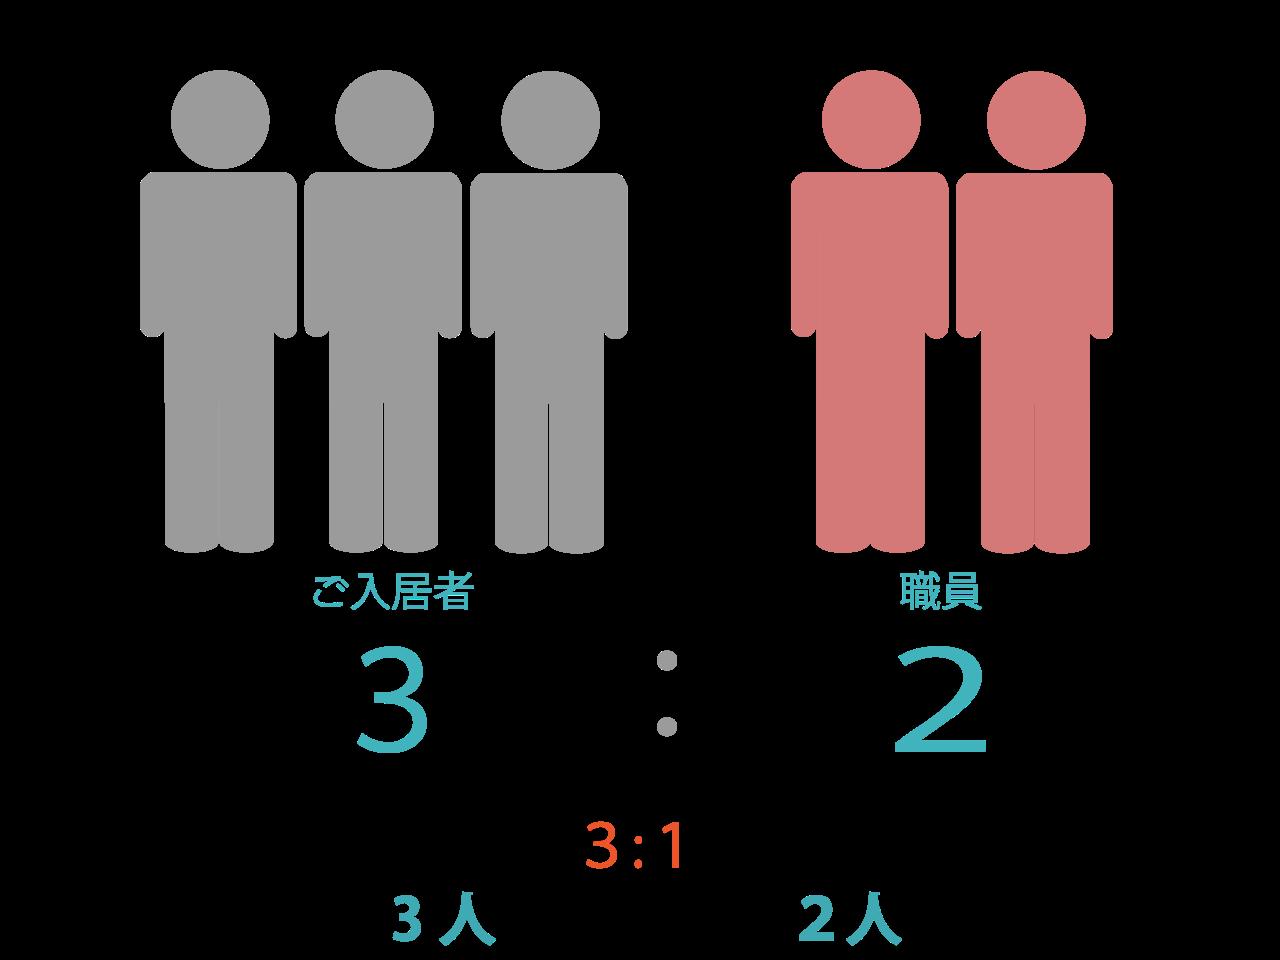 ご入居者に対する職員の割合が法定基準の2倍の体制